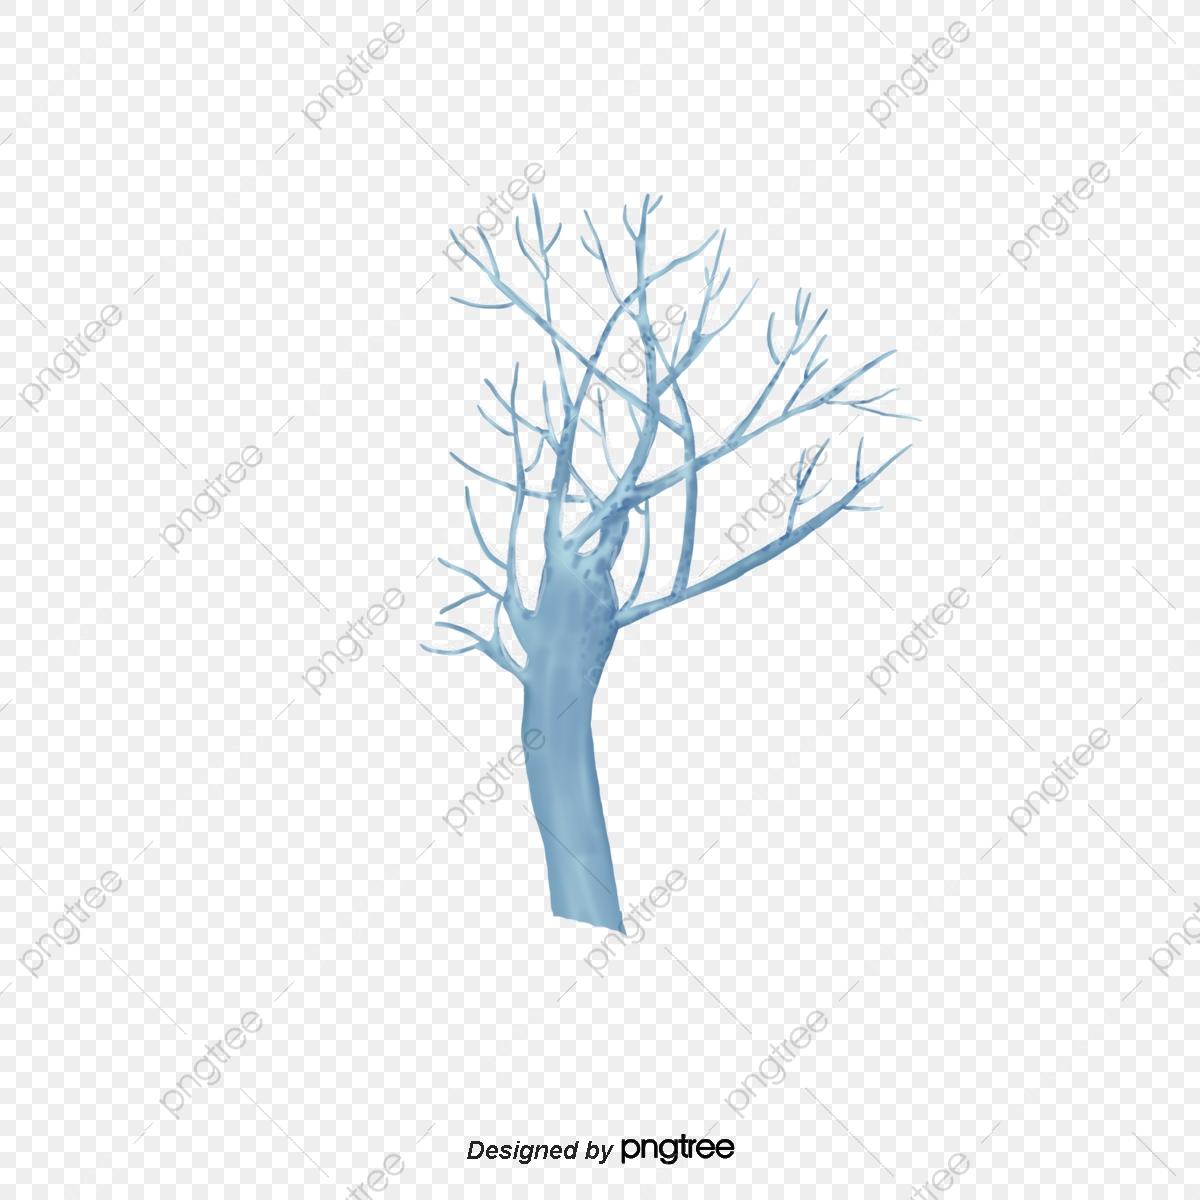 No Inverno As Arvores De Galhos Secos Elementos No Inverno No